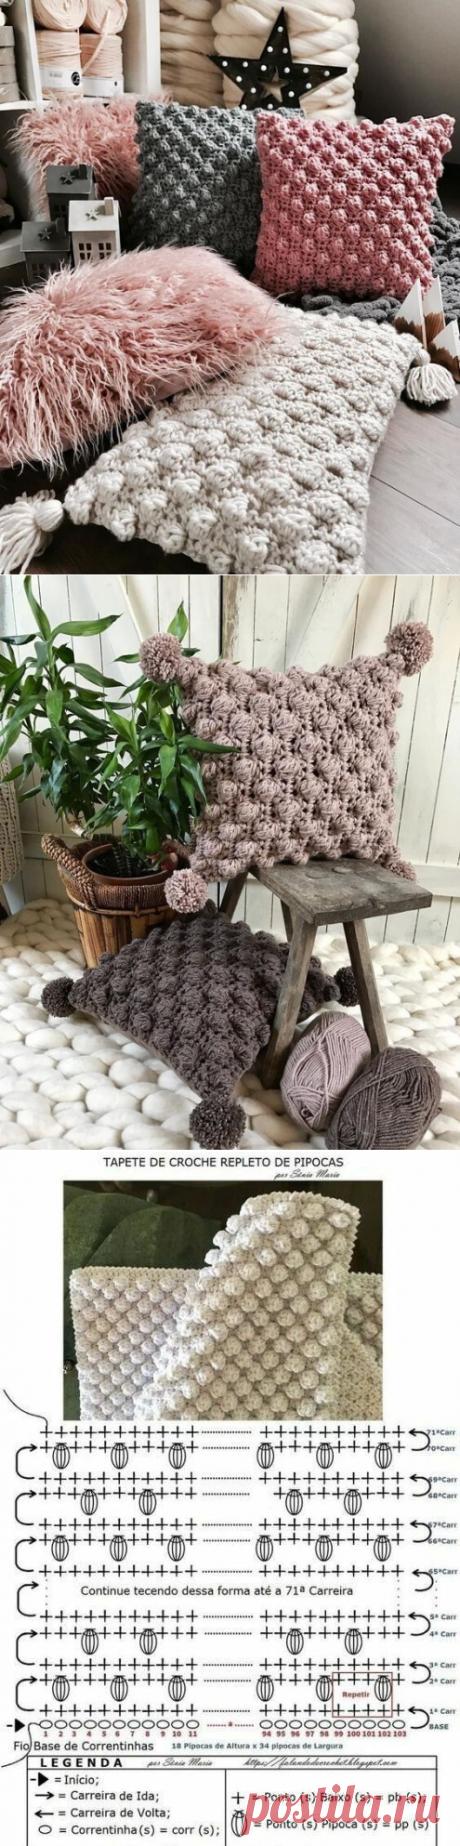 Уютные, вязанные диванные подушки - крючком, оригинальные решения, схемы для вязания!Идеи для вдохновения!   Юлия Жданова   Яндекс Дзен